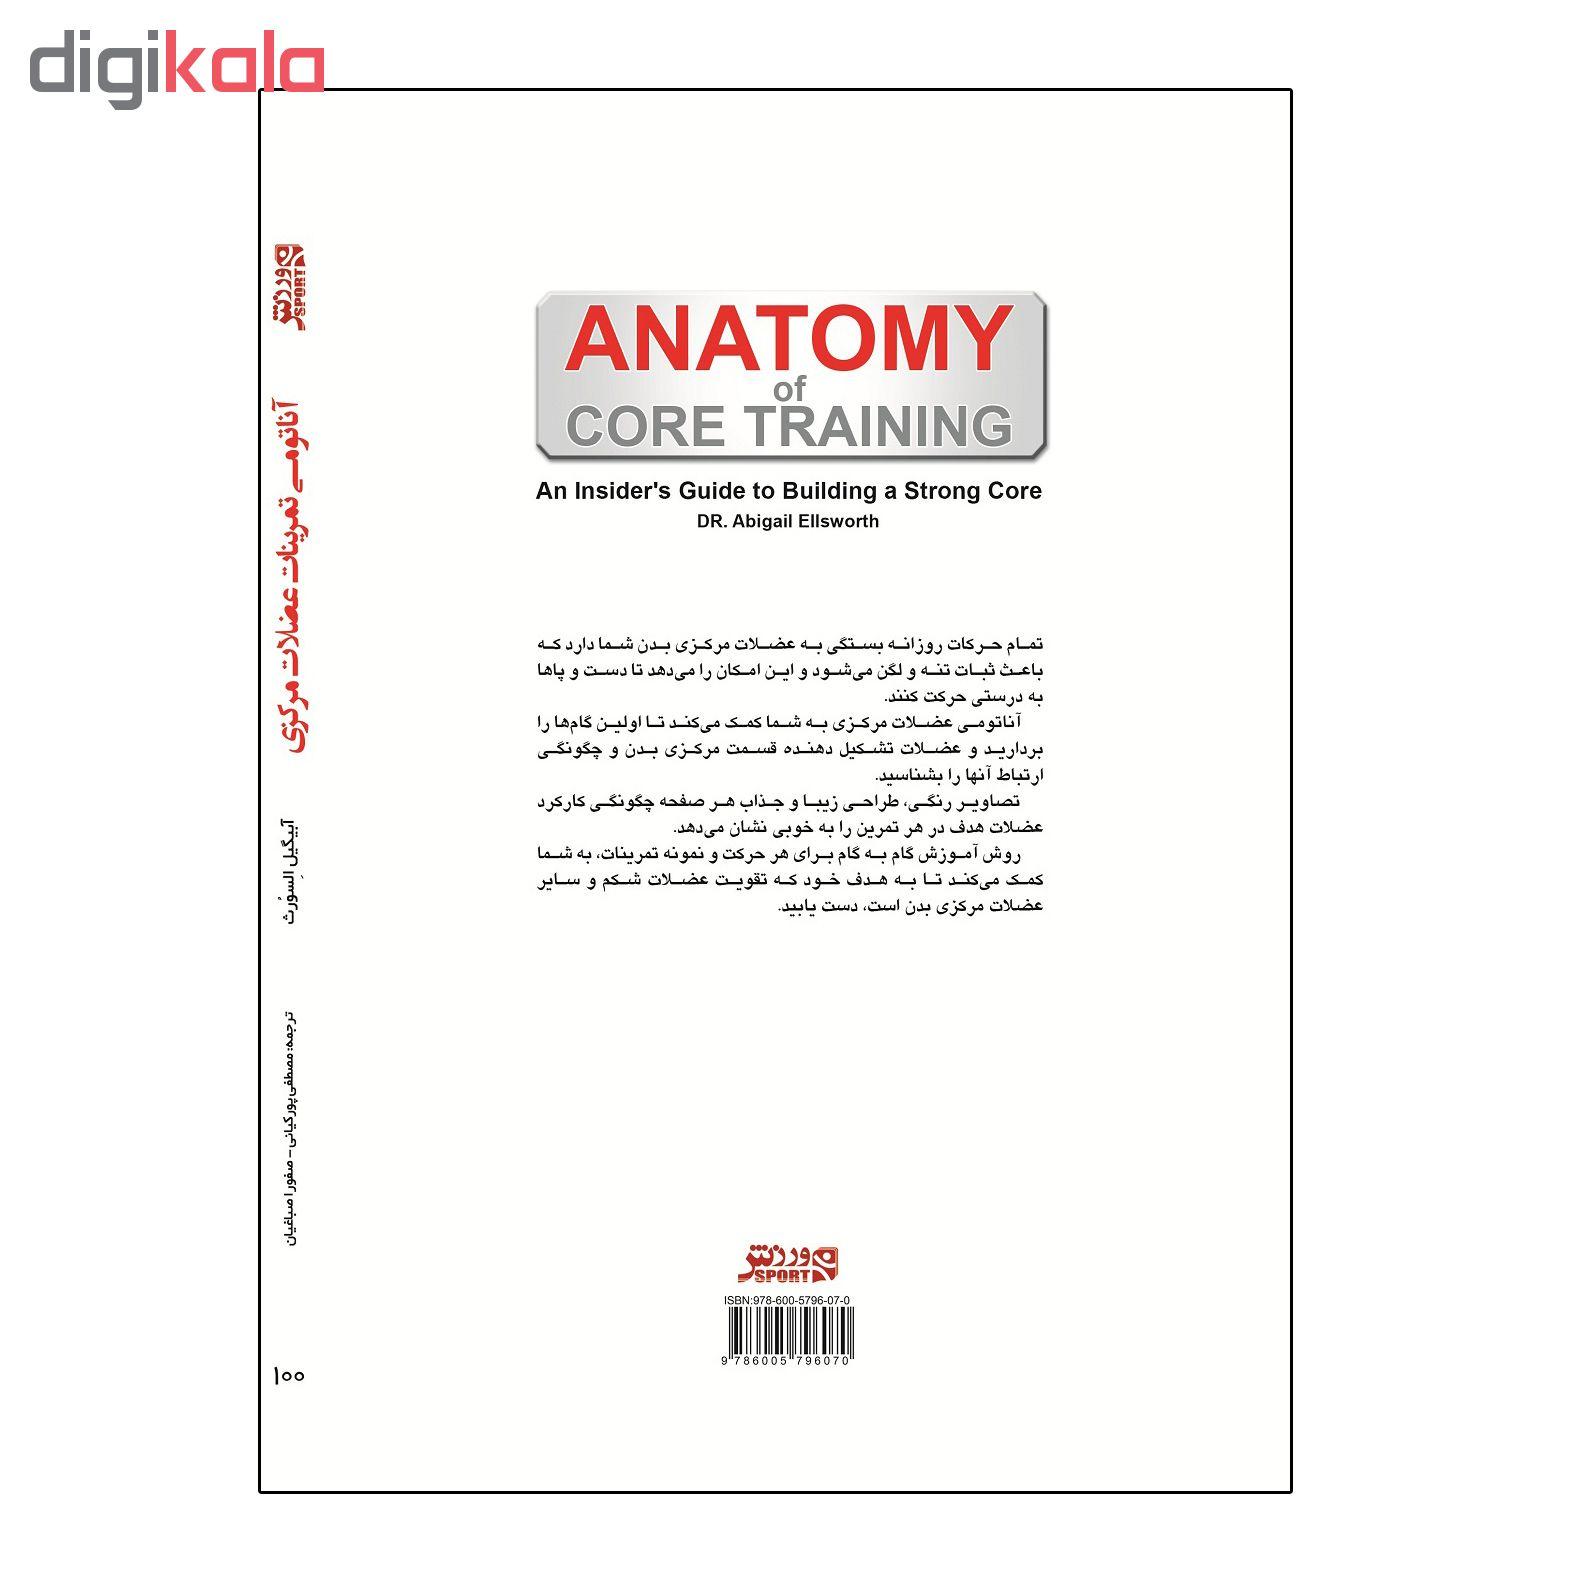 کتاب آناتومی تمرینات عضلات مرکزی اثر آبیگیل السورث انتشارات ورزش thumb 2 1